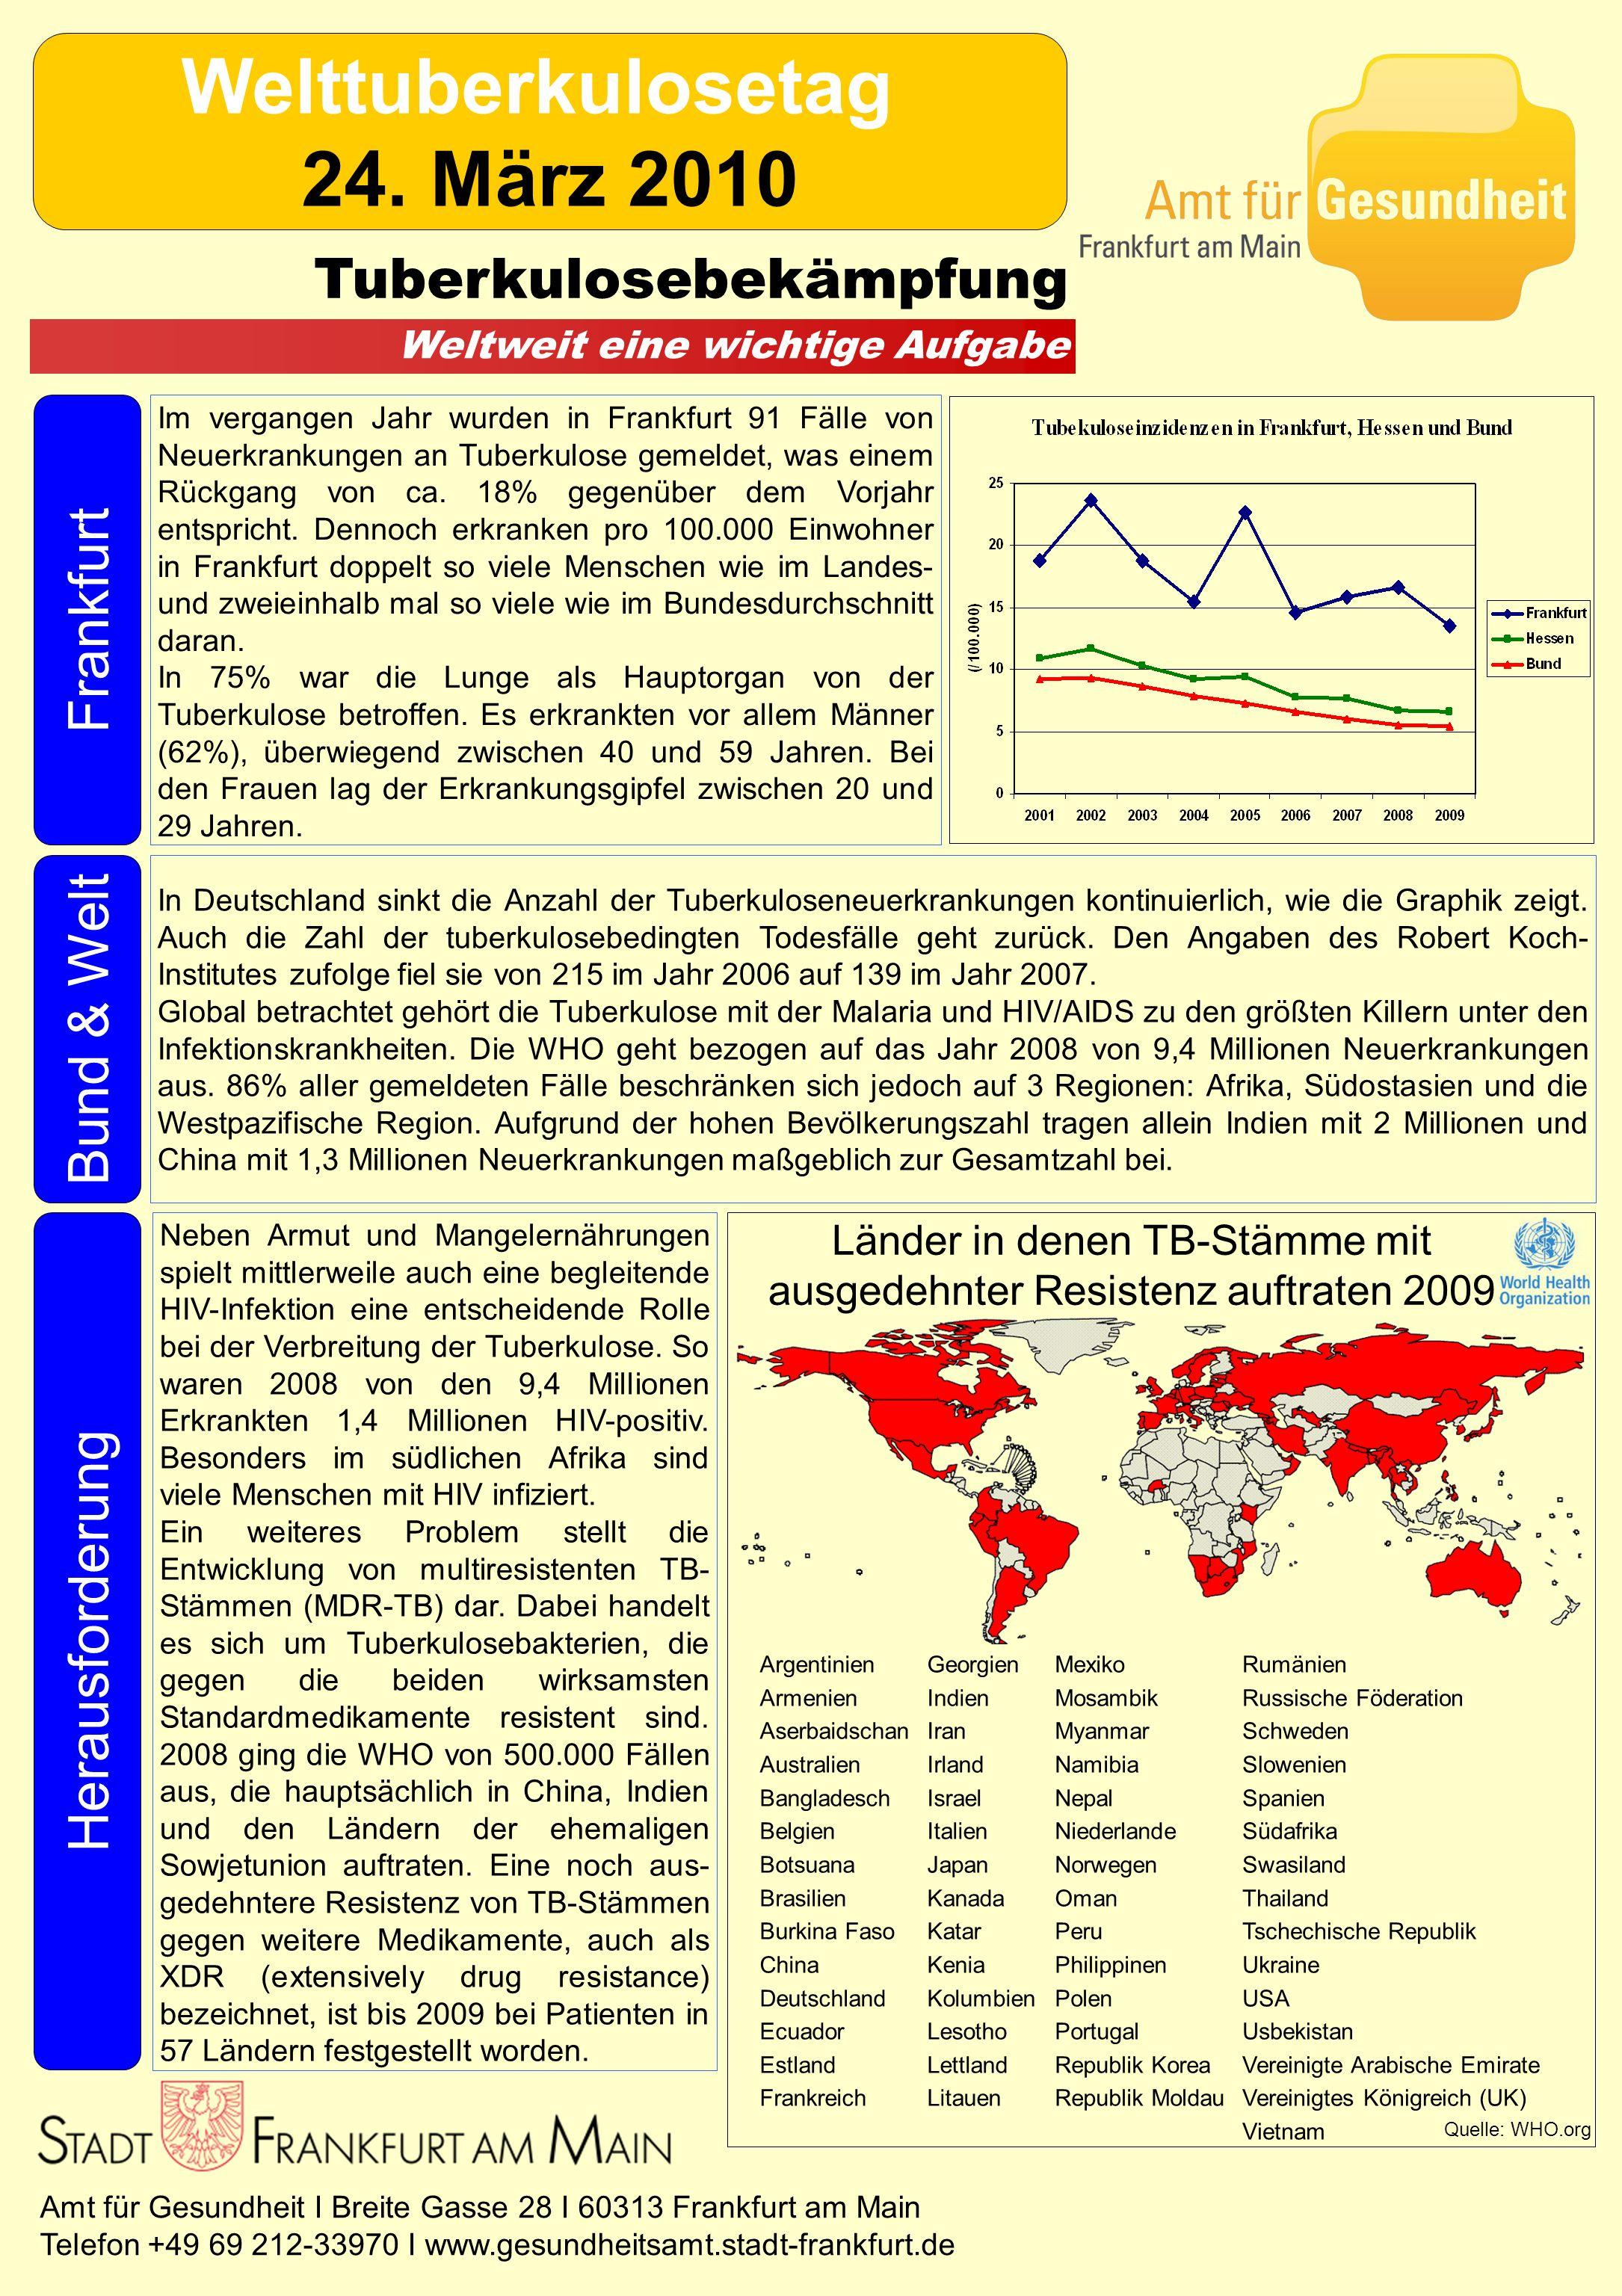 Tuberkulosebekämpfung Weltweit eine wichtige Aufgabe Welttuberkulosetag 24. März 2010 Amt für Gesundheit I Breite Gasse 28 I 60313 Frankfurt am Main T